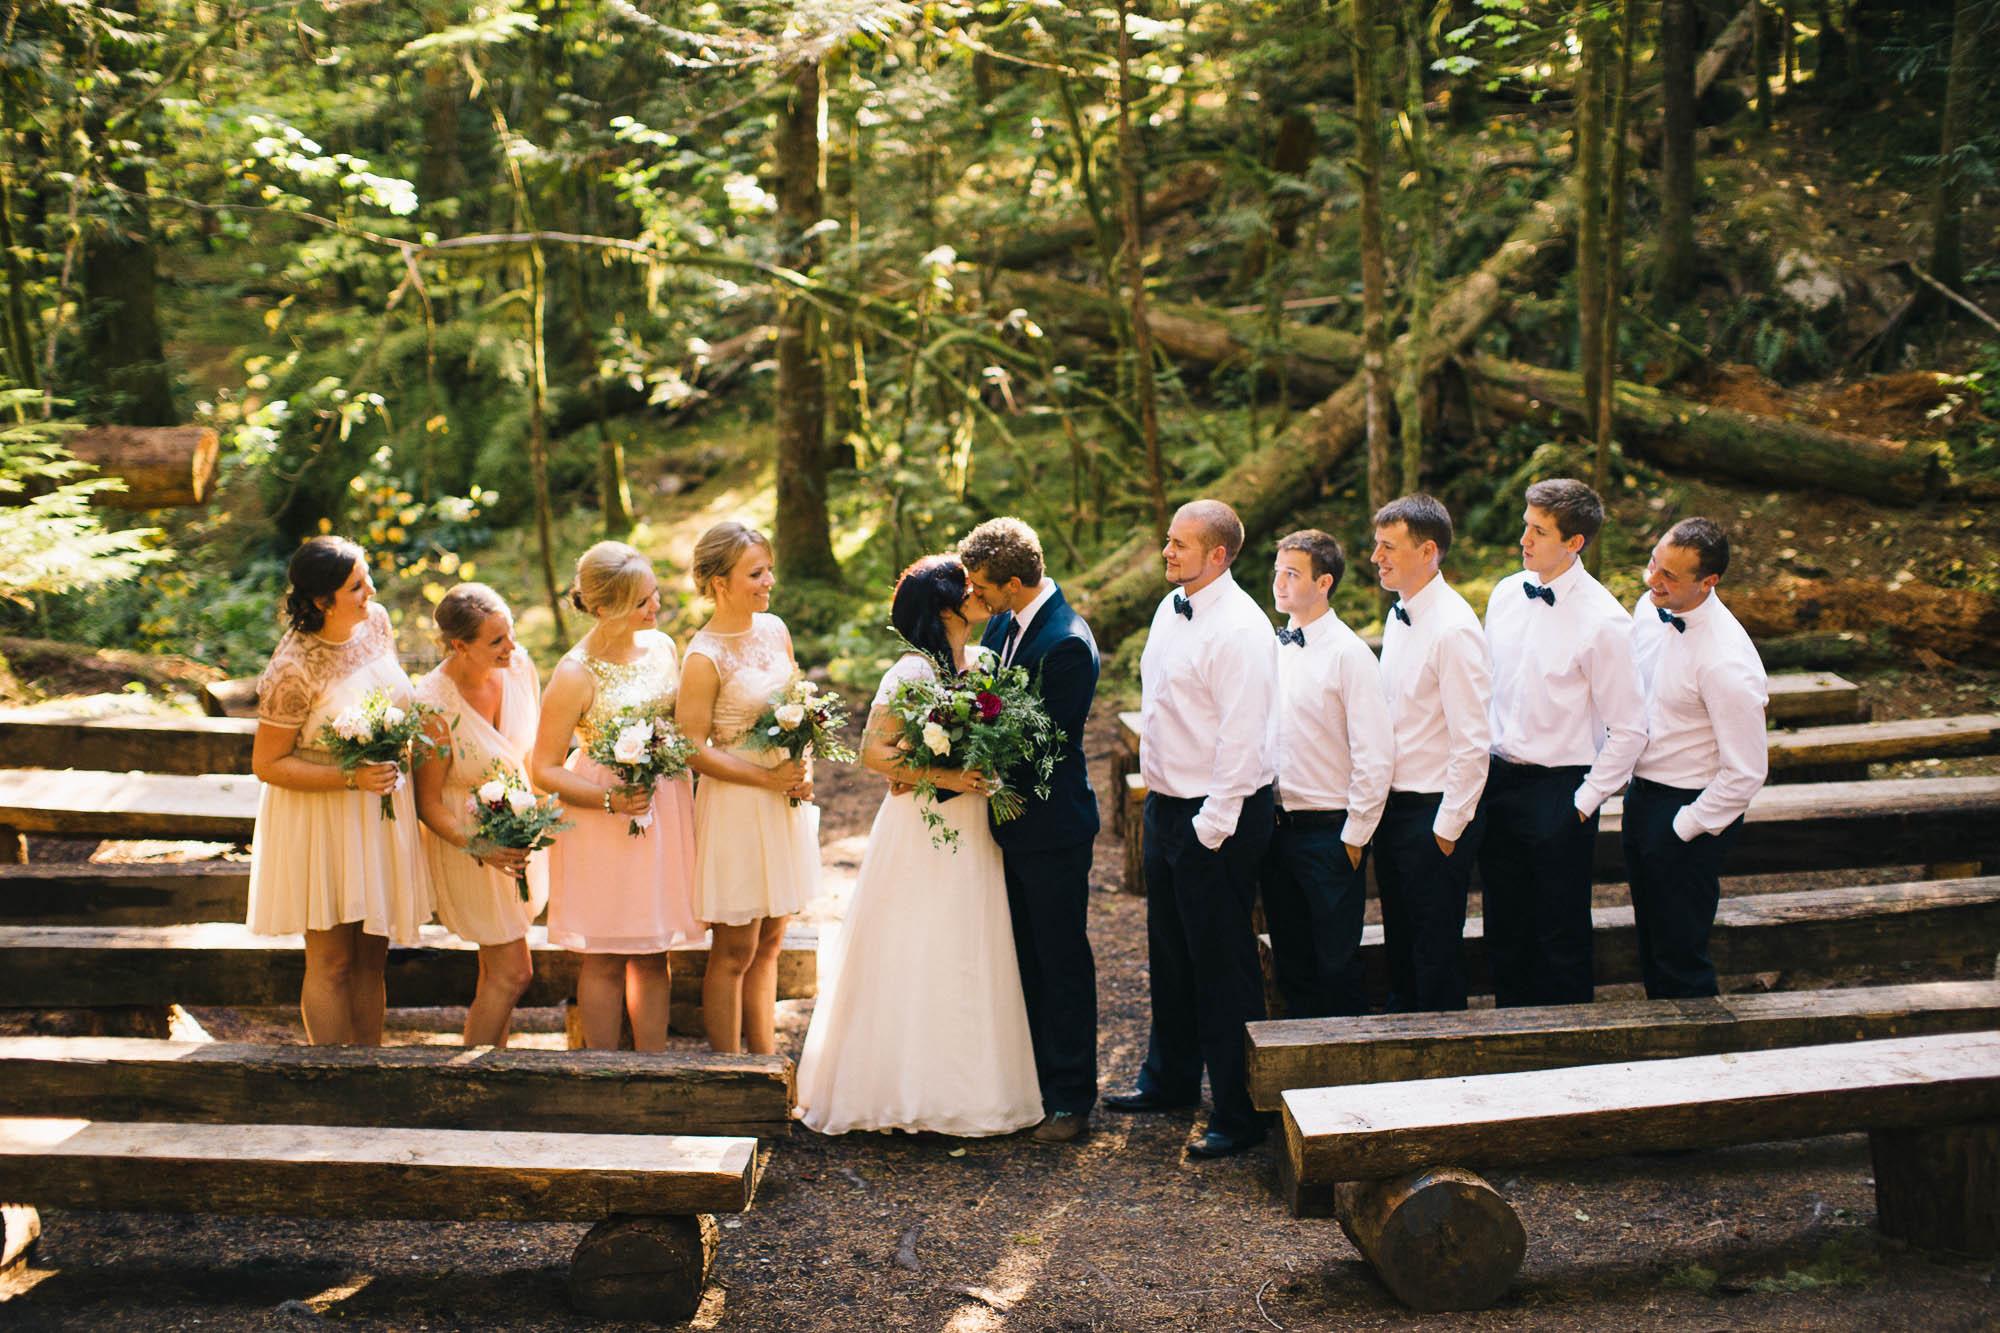 20140920_wedding_best_squamish_evanslake_photographer_photography_squamish__192.jpg